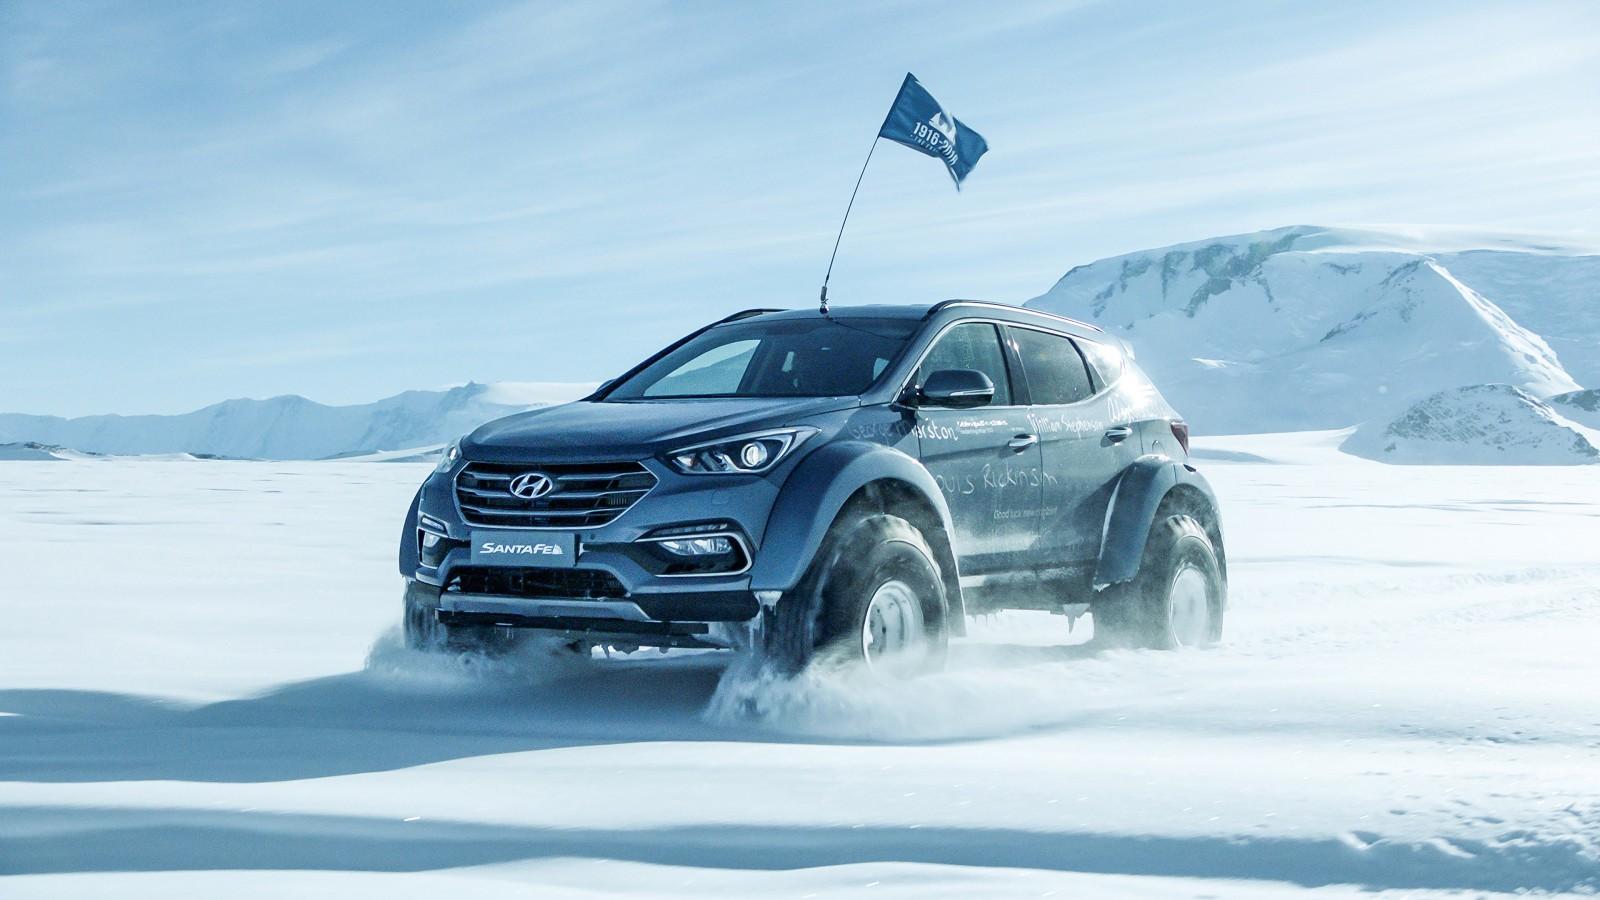 Arctic Trucks Hyundai Santa Fe 2017 Wallpapers Hd